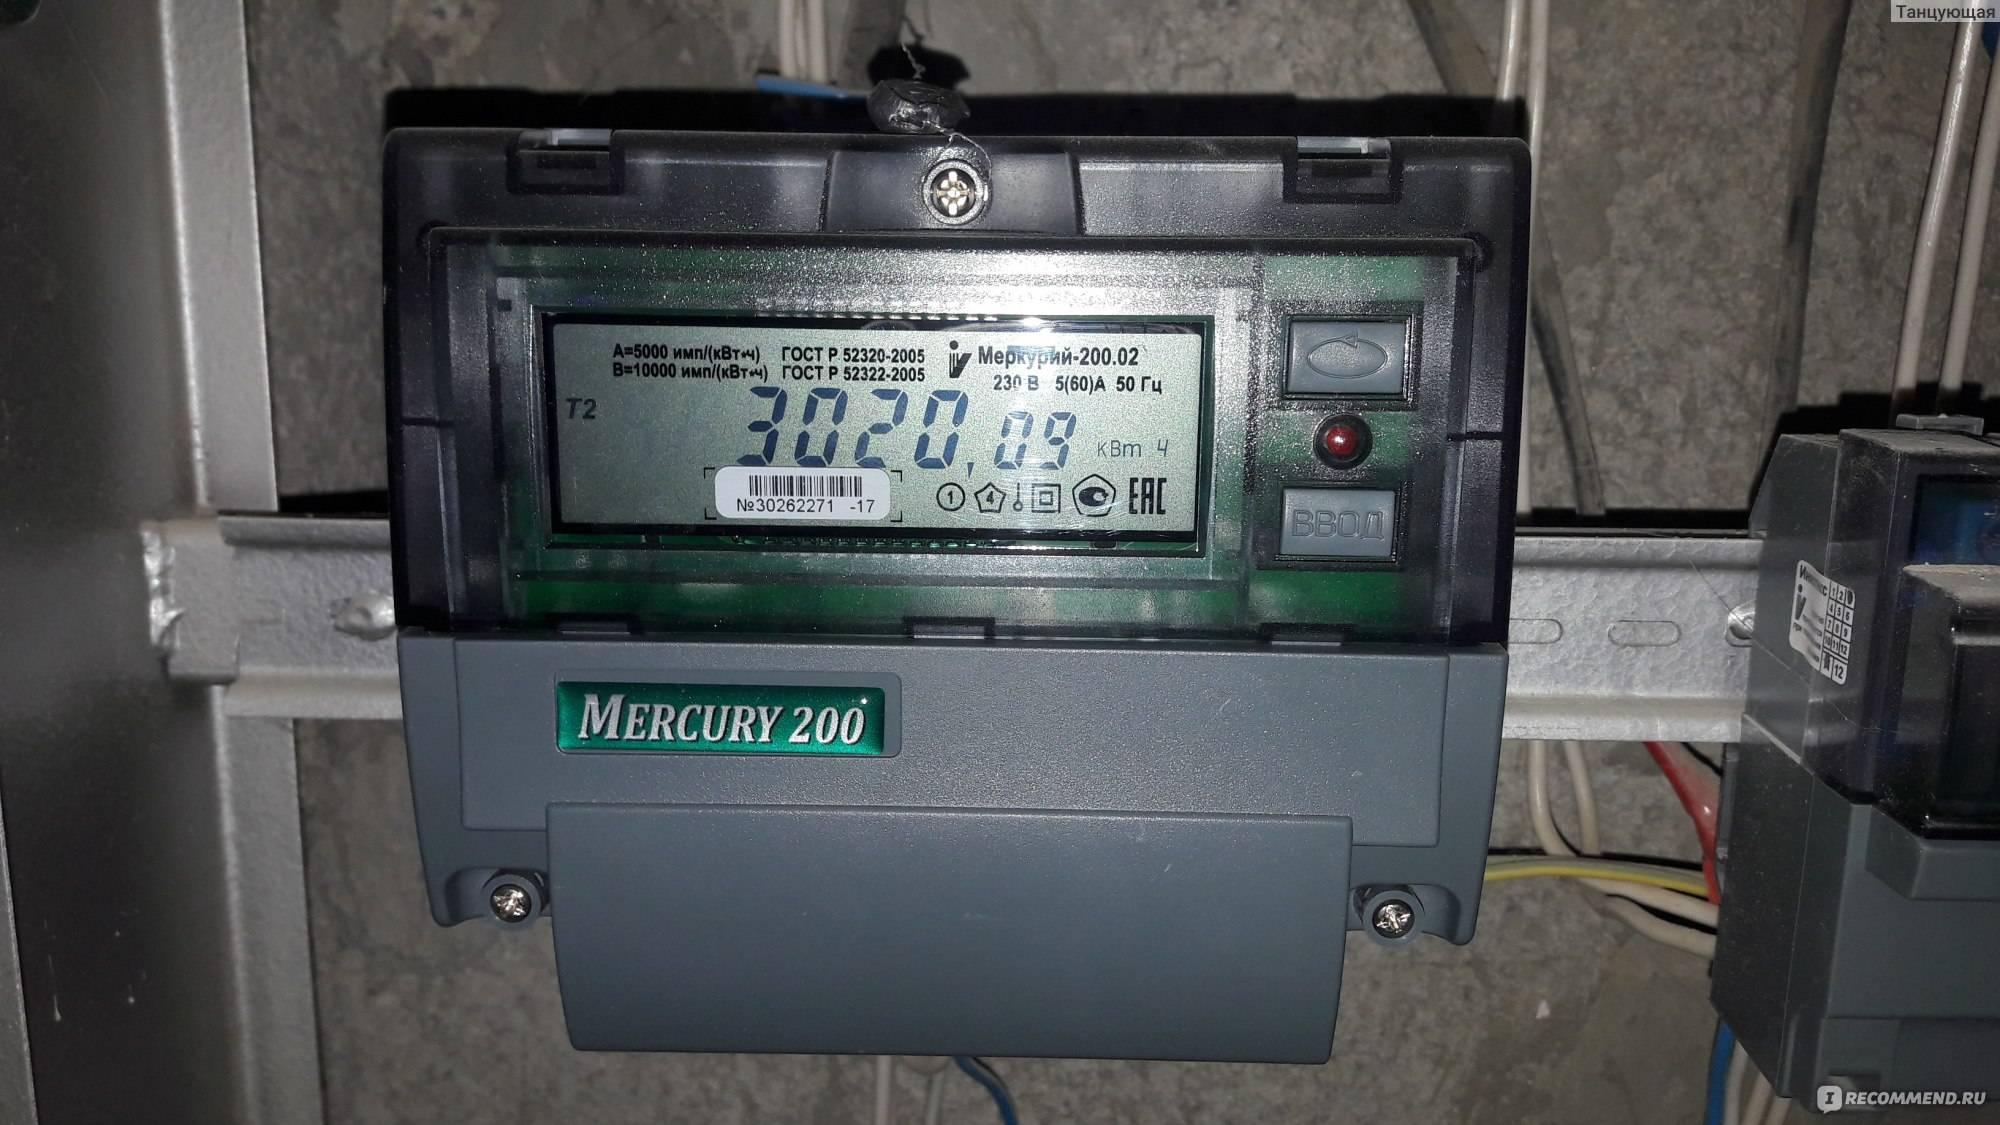 Как снять показания счетчика электроэнергии днем и ночью